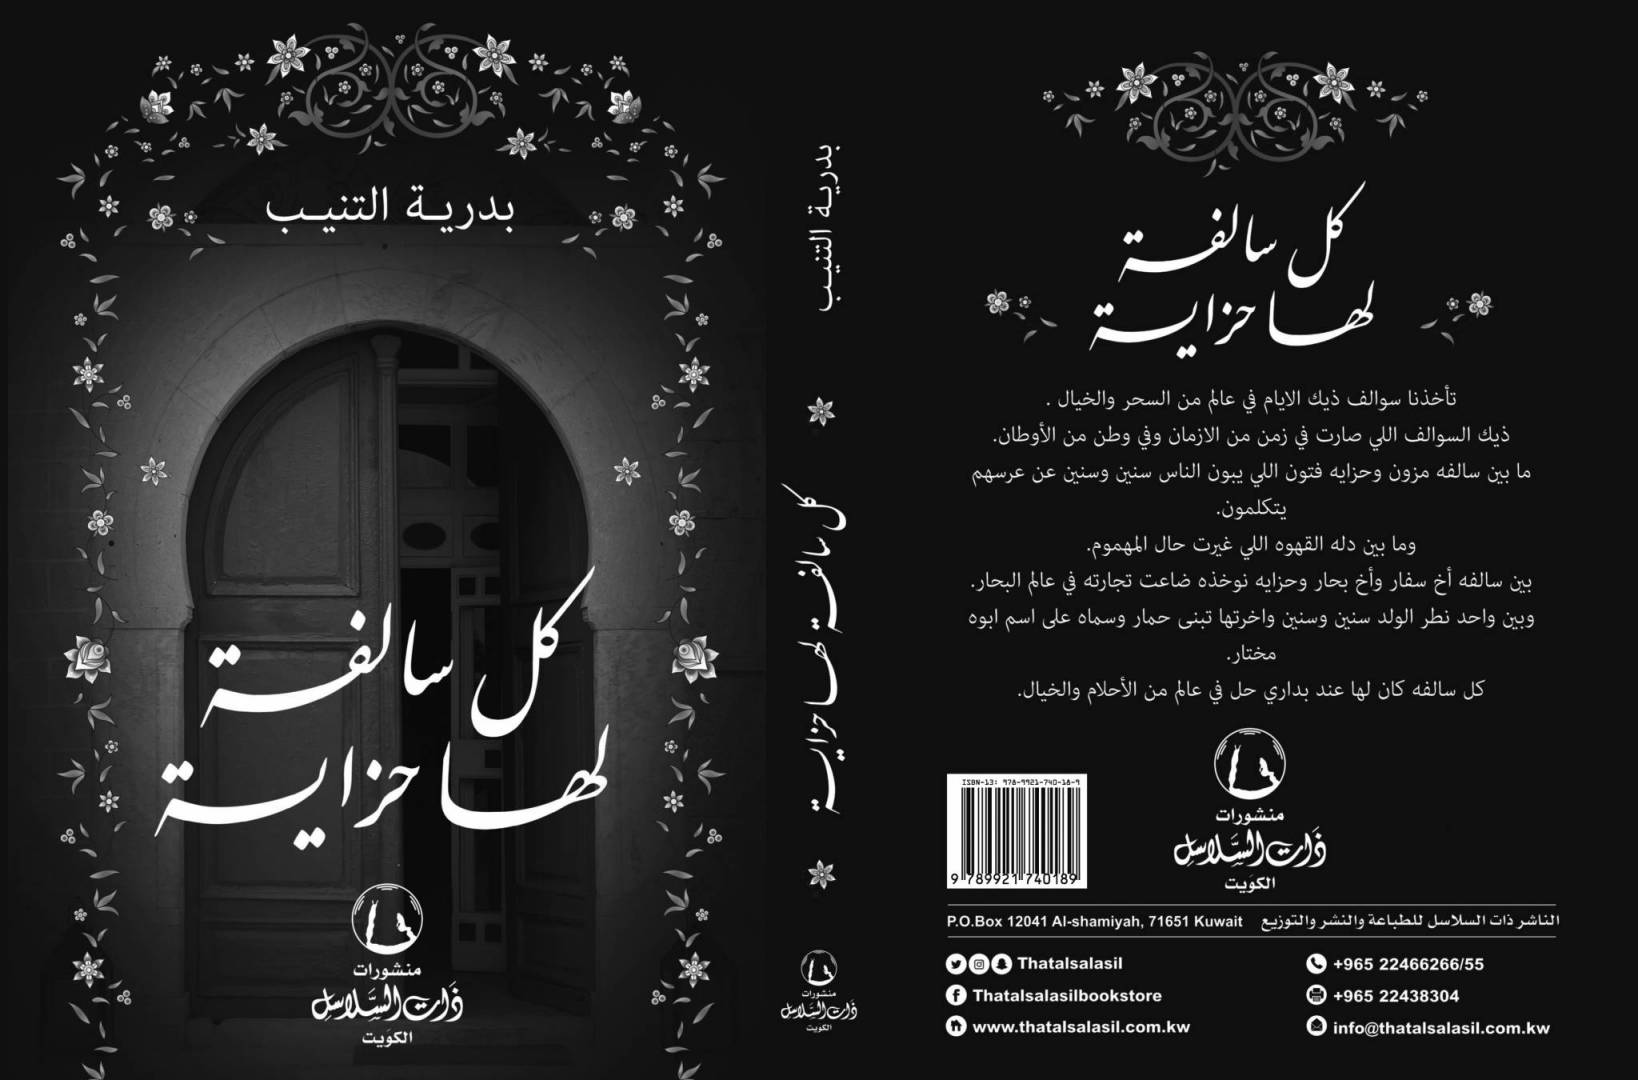 غلاف كتاب «كل سالفه ولها حزاية»